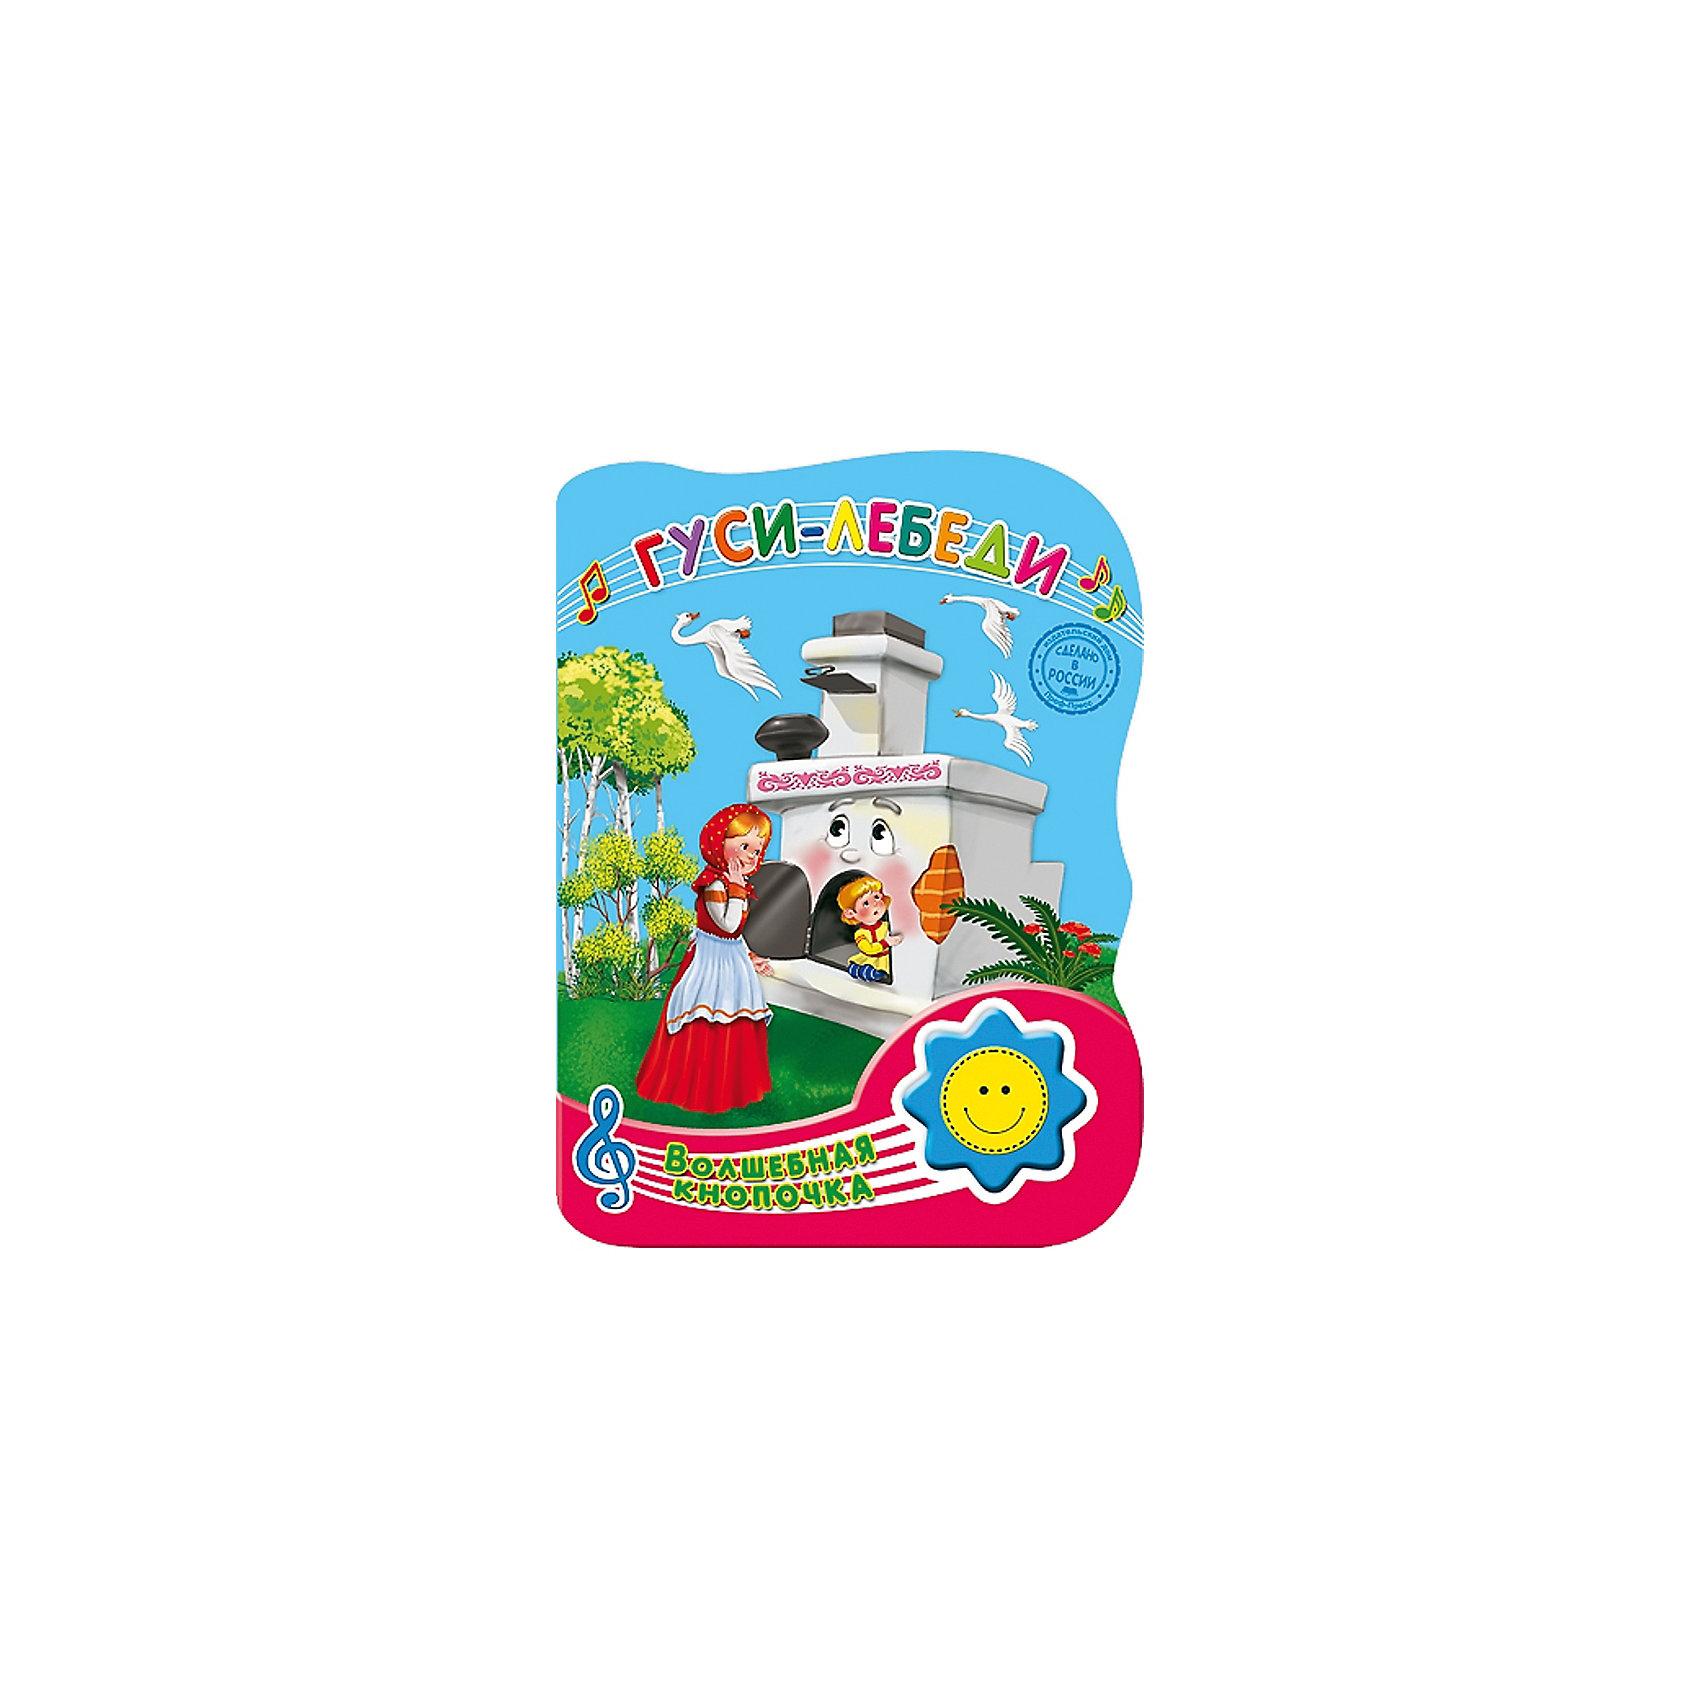 Гуси лебеди, Волшебная кнопочкаМузыкальные книги<br>С самого детства нас сопровождают книги, это лучший подарок не только взрослым, они помогают детям познавать мир и учиться читать, также книги позволяют ребенку весело проводить время. Они также стимулируют развитие воображения, логики и творческого мышления. <br>Есть сказки, проверенные многими поколениями, которые понравятся и современным детям. Это издание сделано специально для самых маленьких - с плотными страничками и звуковым модулем, который будет сопровождать сказку песенками и музыкой. Яркие картинки обязательно понравятся малышам! Книга сделана из качественных и безопасных для детей материалов.<br>  <br>Дополнительная информация:<br><br>страниц: 8; <br>размер: 212x155x25 мм;<br>вес: 200 г.<br><br>Книгу со звуковым модулем Волшебная кнопочка. Гуси лебеди от издательства Проф-Пресс можно купить в нашем магазине.<br><br>Ширина мм: 155<br>Глубина мм: 20<br>Высота мм: 210<br>Вес г: 200<br>Возраст от месяцев: 0<br>Возраст до месяцев: 60<br>Пол: Унисекс<br>Возраст: Детский<br>SKU: 4787236